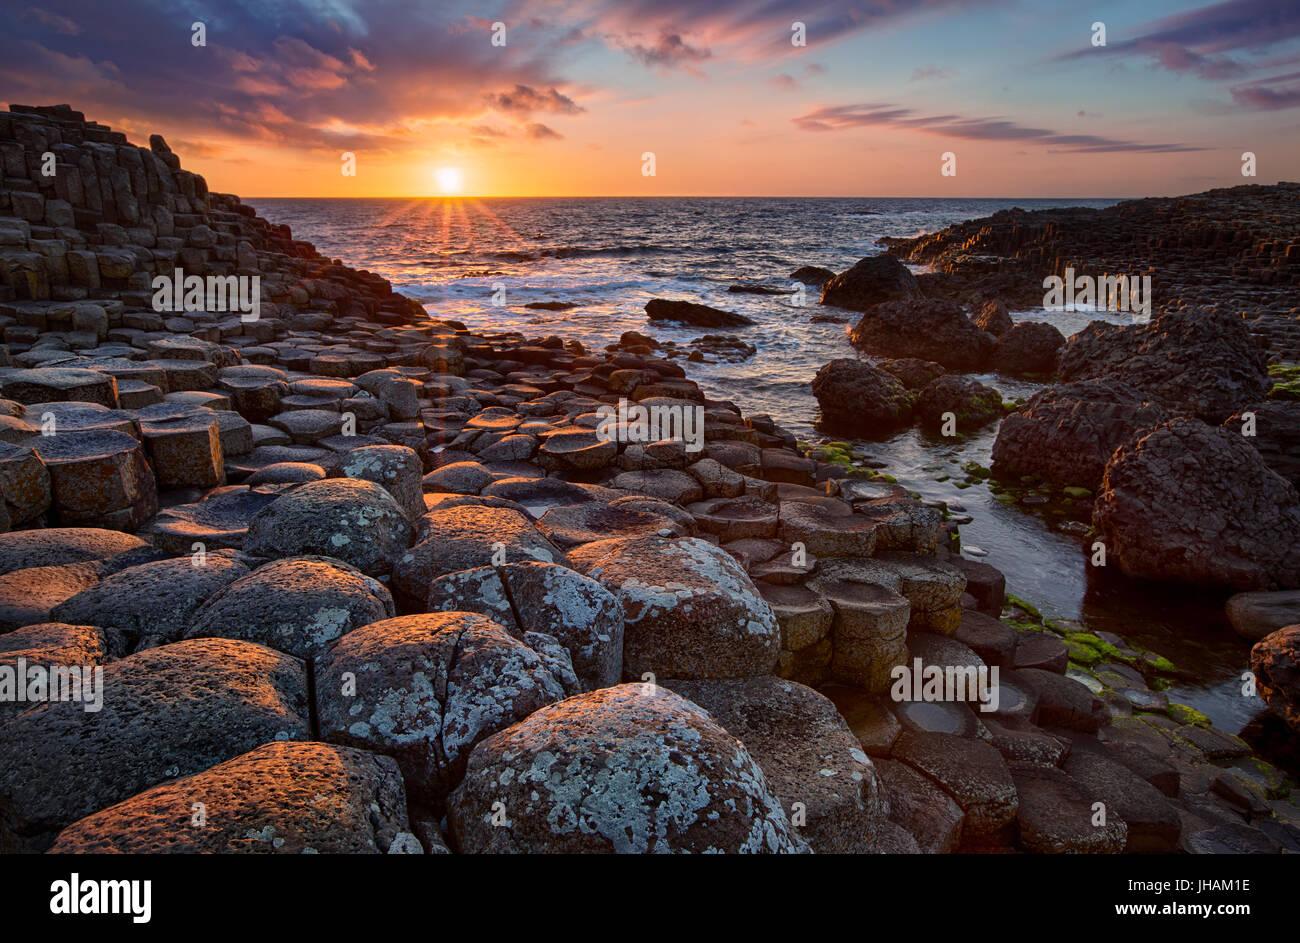 Coucher de soleil sur les colonnes de basalte Giant's Causeway, comté d'Antrim, en Irlande du Nord Photo Stock